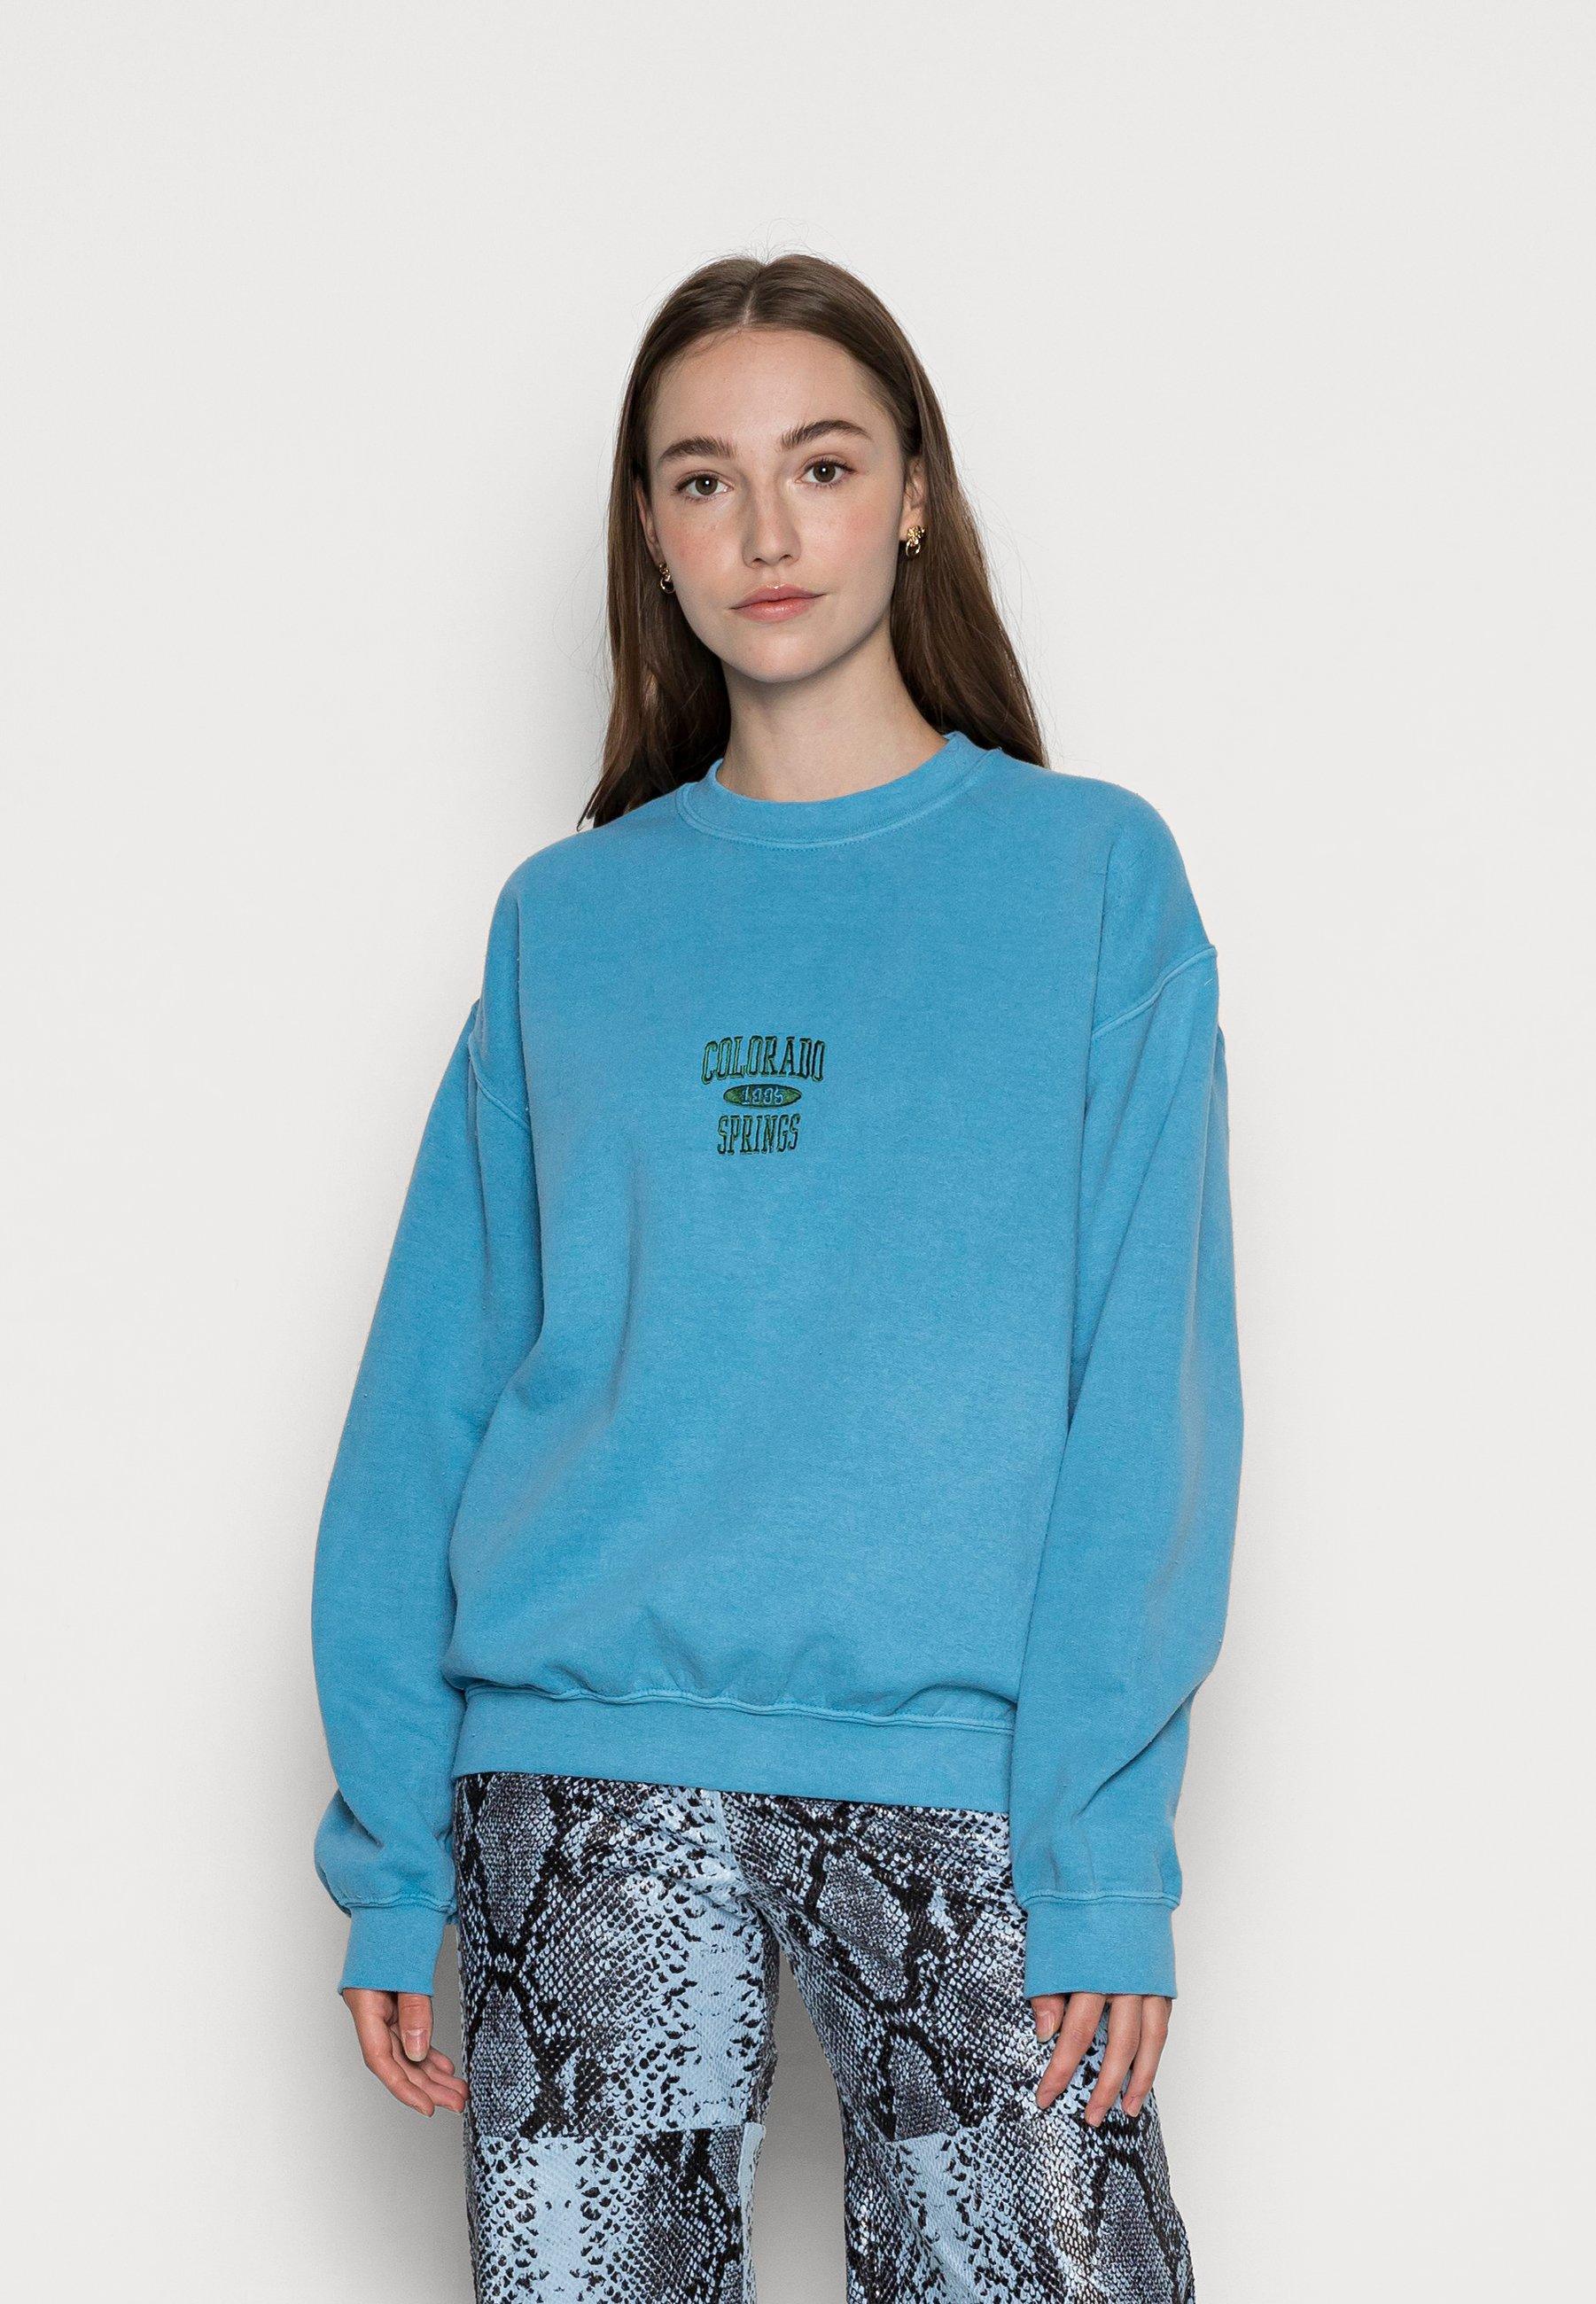 Femme COLORADO SPRINGS CREWNECK - Sweatshirt